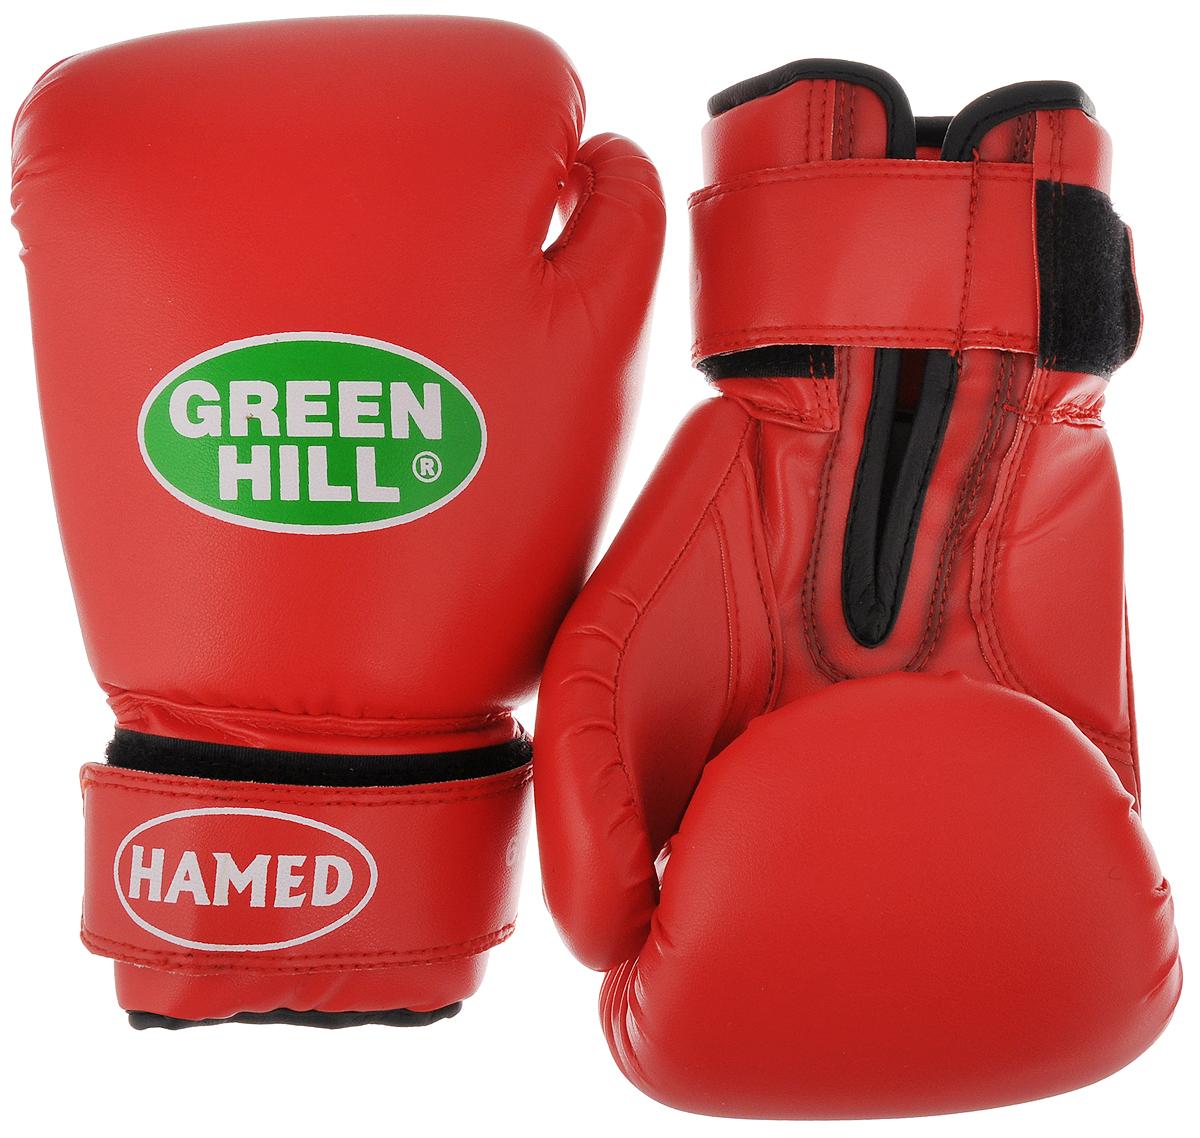 Перчатки боксерские детские Green Hill Hamed, цвет: красный. Вес 6 унцийBGHC-2022_манжета краснаяДетские боксерские перчатки Green Hill Hamed прекрасно подойдут для будущих чемпионов. Верх выполнен из искусственной кожи, наполнитель - из пенополиуретана. Перфорированная поверхность в области ладони позволяет создать максимально комфортный терморежим во время занятий. Широкий ремень, охватывая запястье, полностью оборачивается вокруг манжеты, благодаря чему создается дополнительная защита лучезапястного сустава от травмирования. Перчатки прекрасно сидят на руке. Застежка на липучке способствует быстрому и удобному одеванию перчаток, плотно фиксирует перчатки на руке.